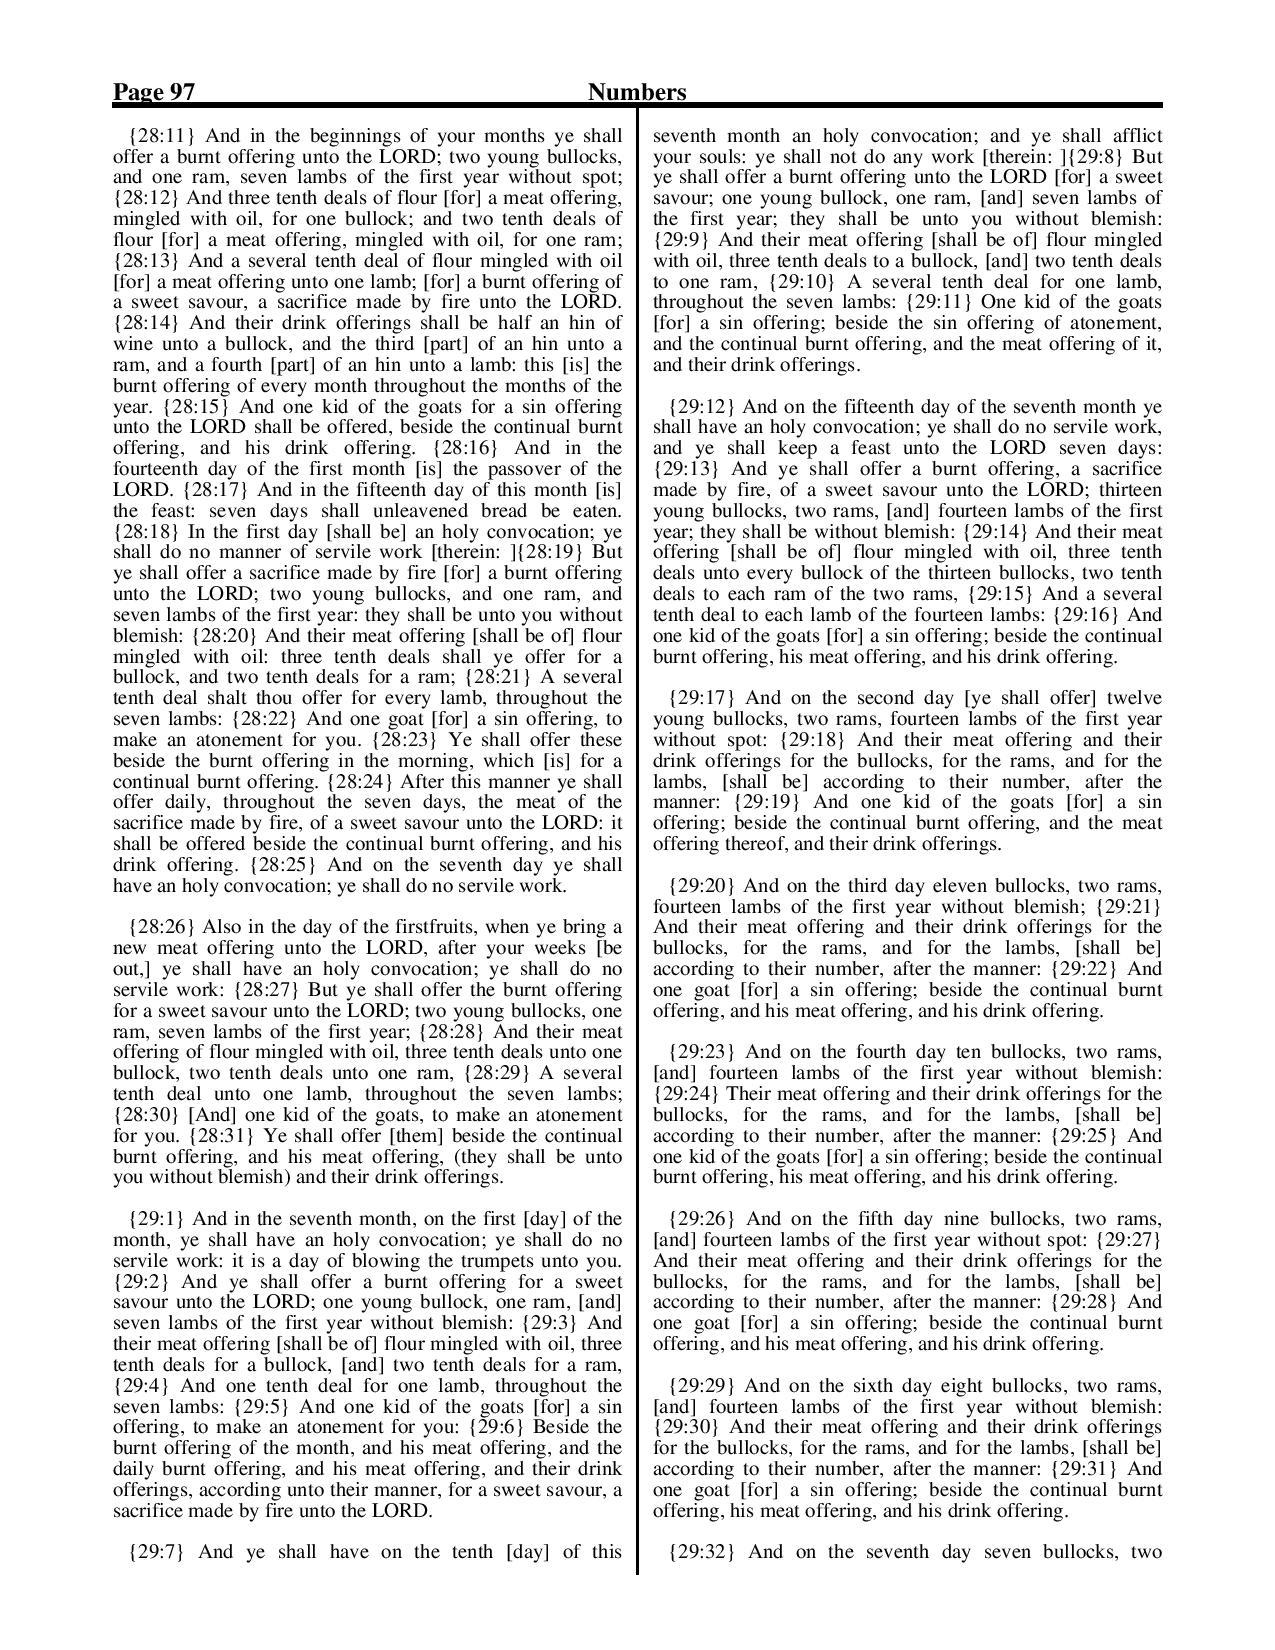 King-James-Bible-KJV-Bible-PDF-page-118